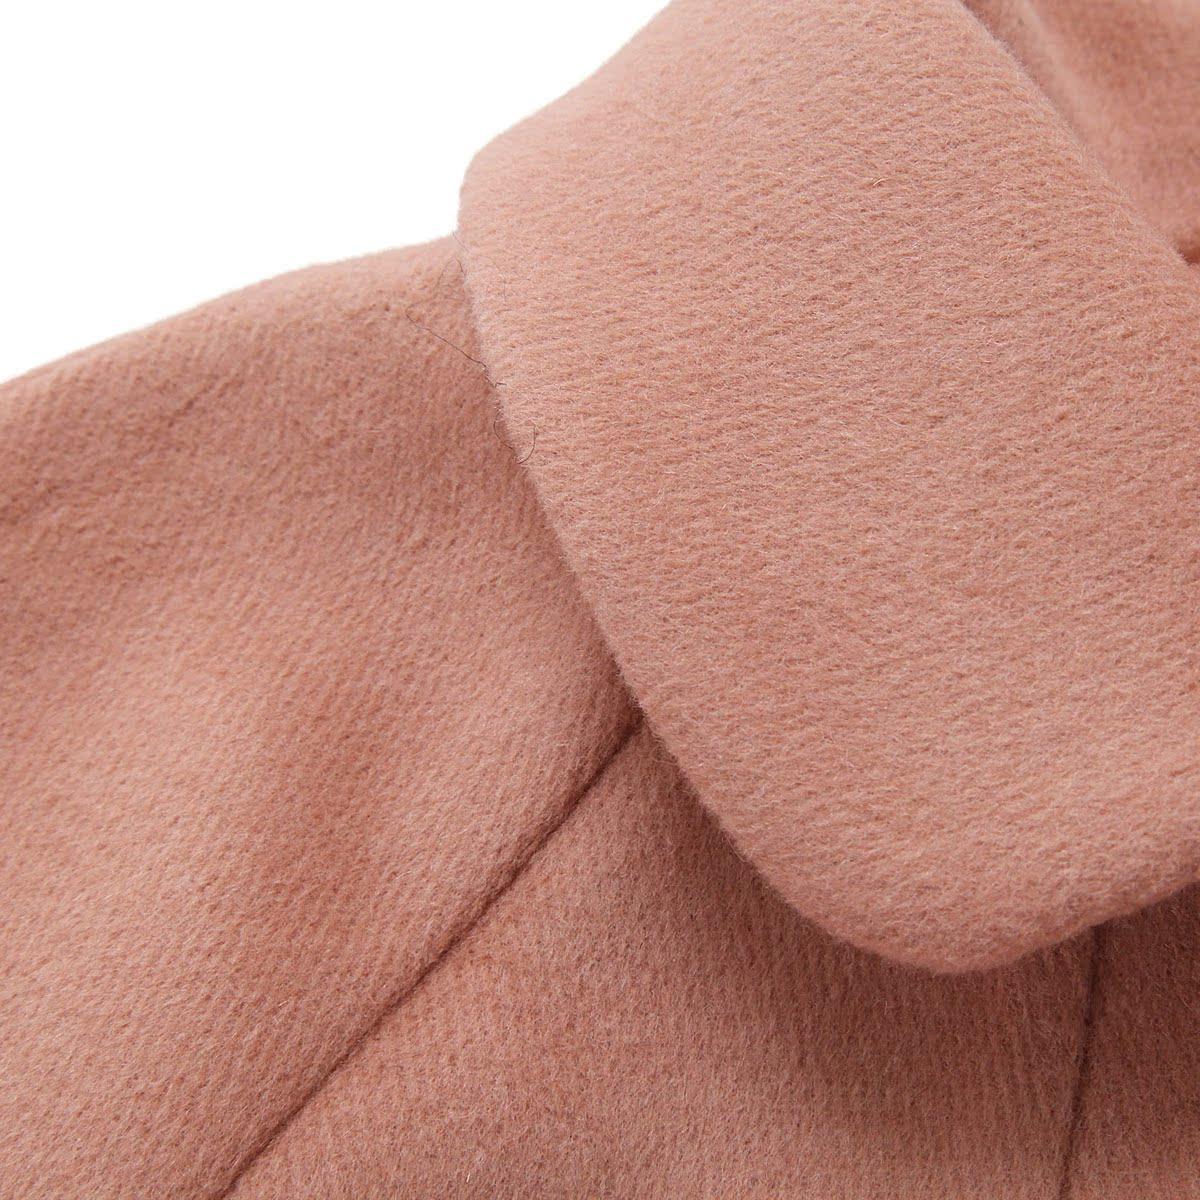 женское пальто Qiushuiyiren 634112208f 2013 Зима 2013 Средней длины (65 см <длины одежды ≤ 80 см) Qiushuiyiren Рукав 3/4 Рукав со спущенным плечом